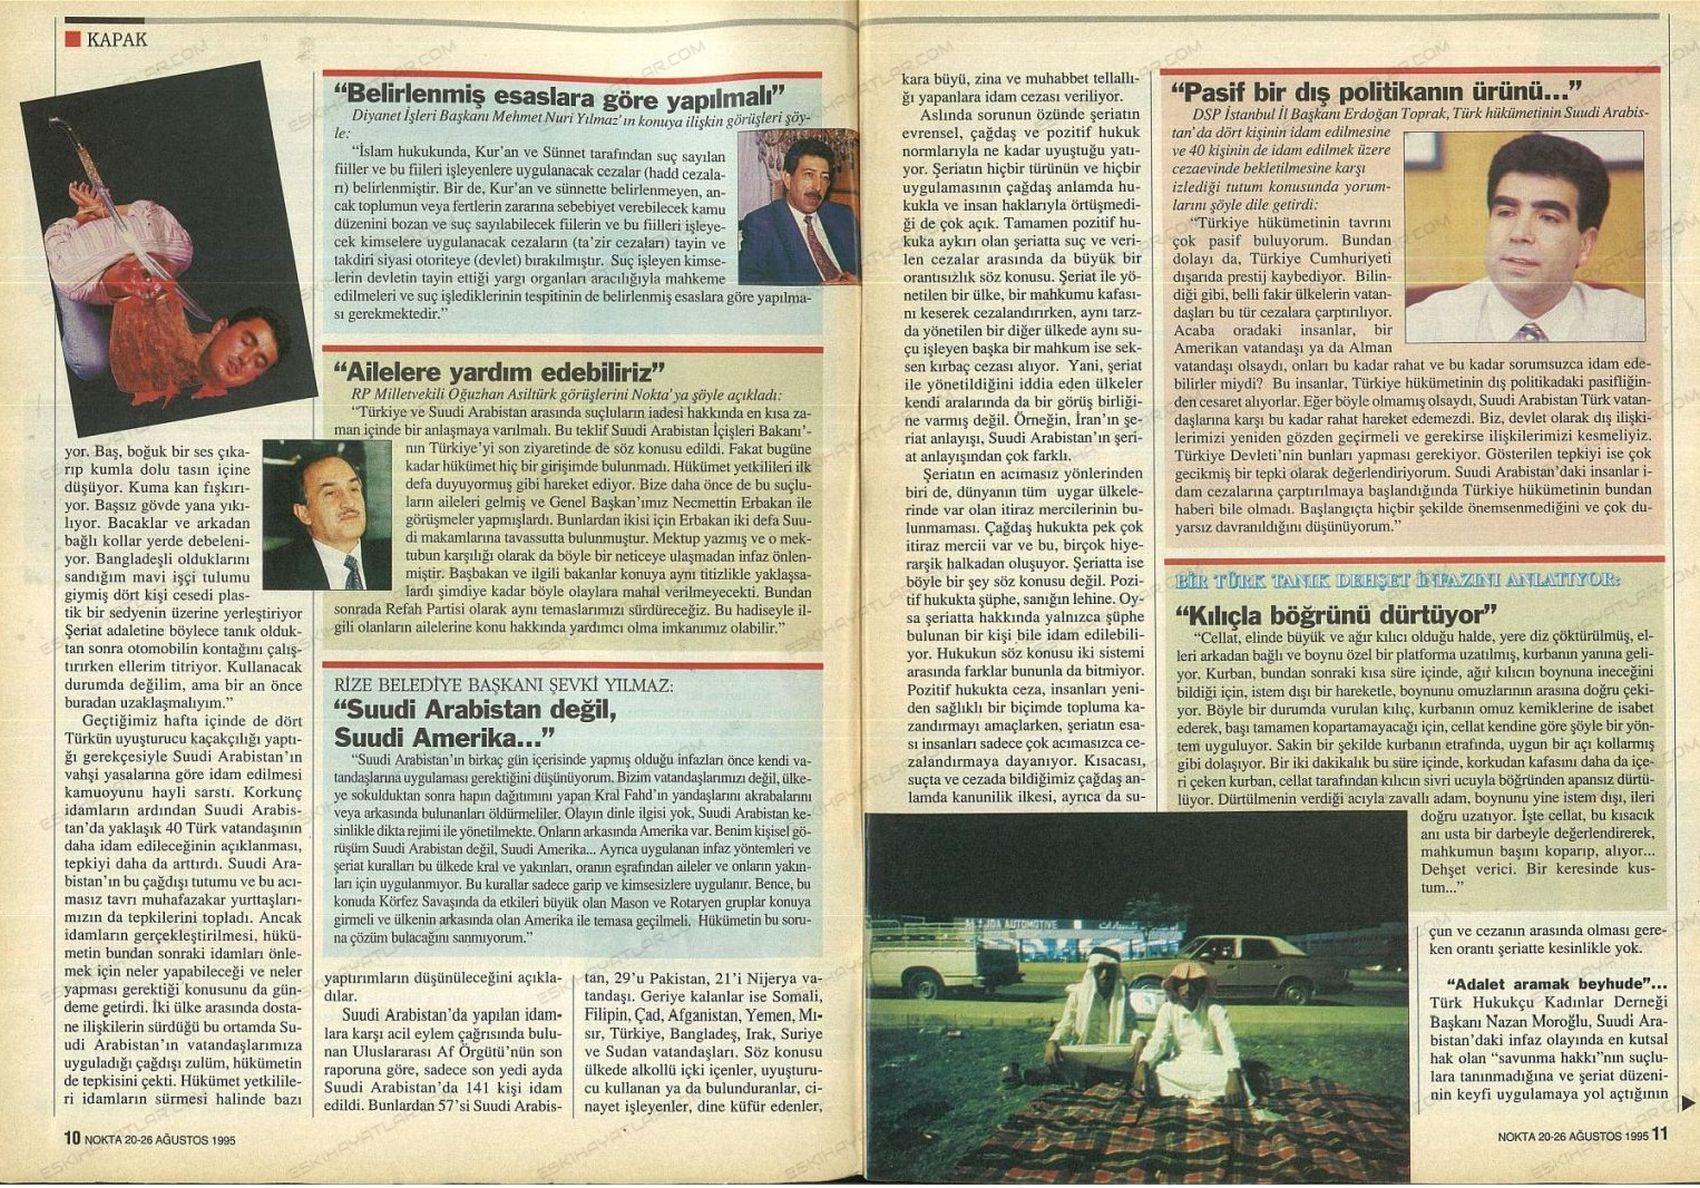 0216-islam-ulkelerinde-seriat-nasildir-1995-nokta-dergisi-carsaf-giyen-kadinlar (3)